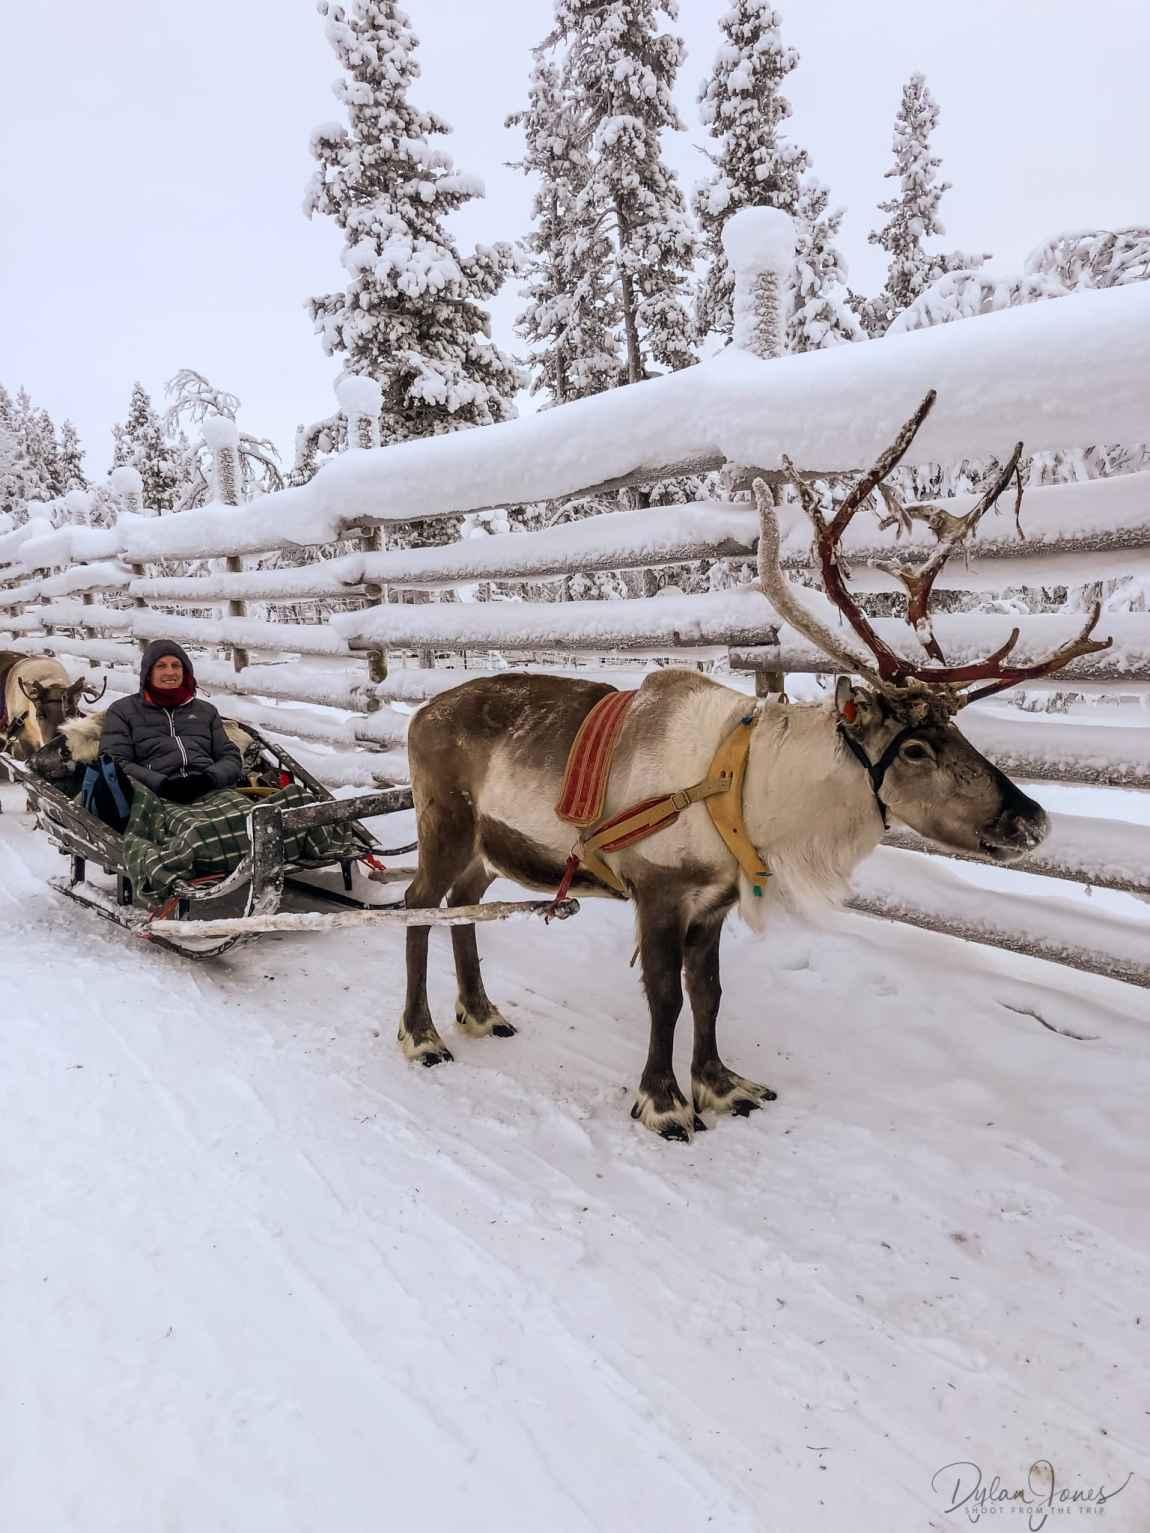 Me and my reindeer friend Saariselkä Lapland